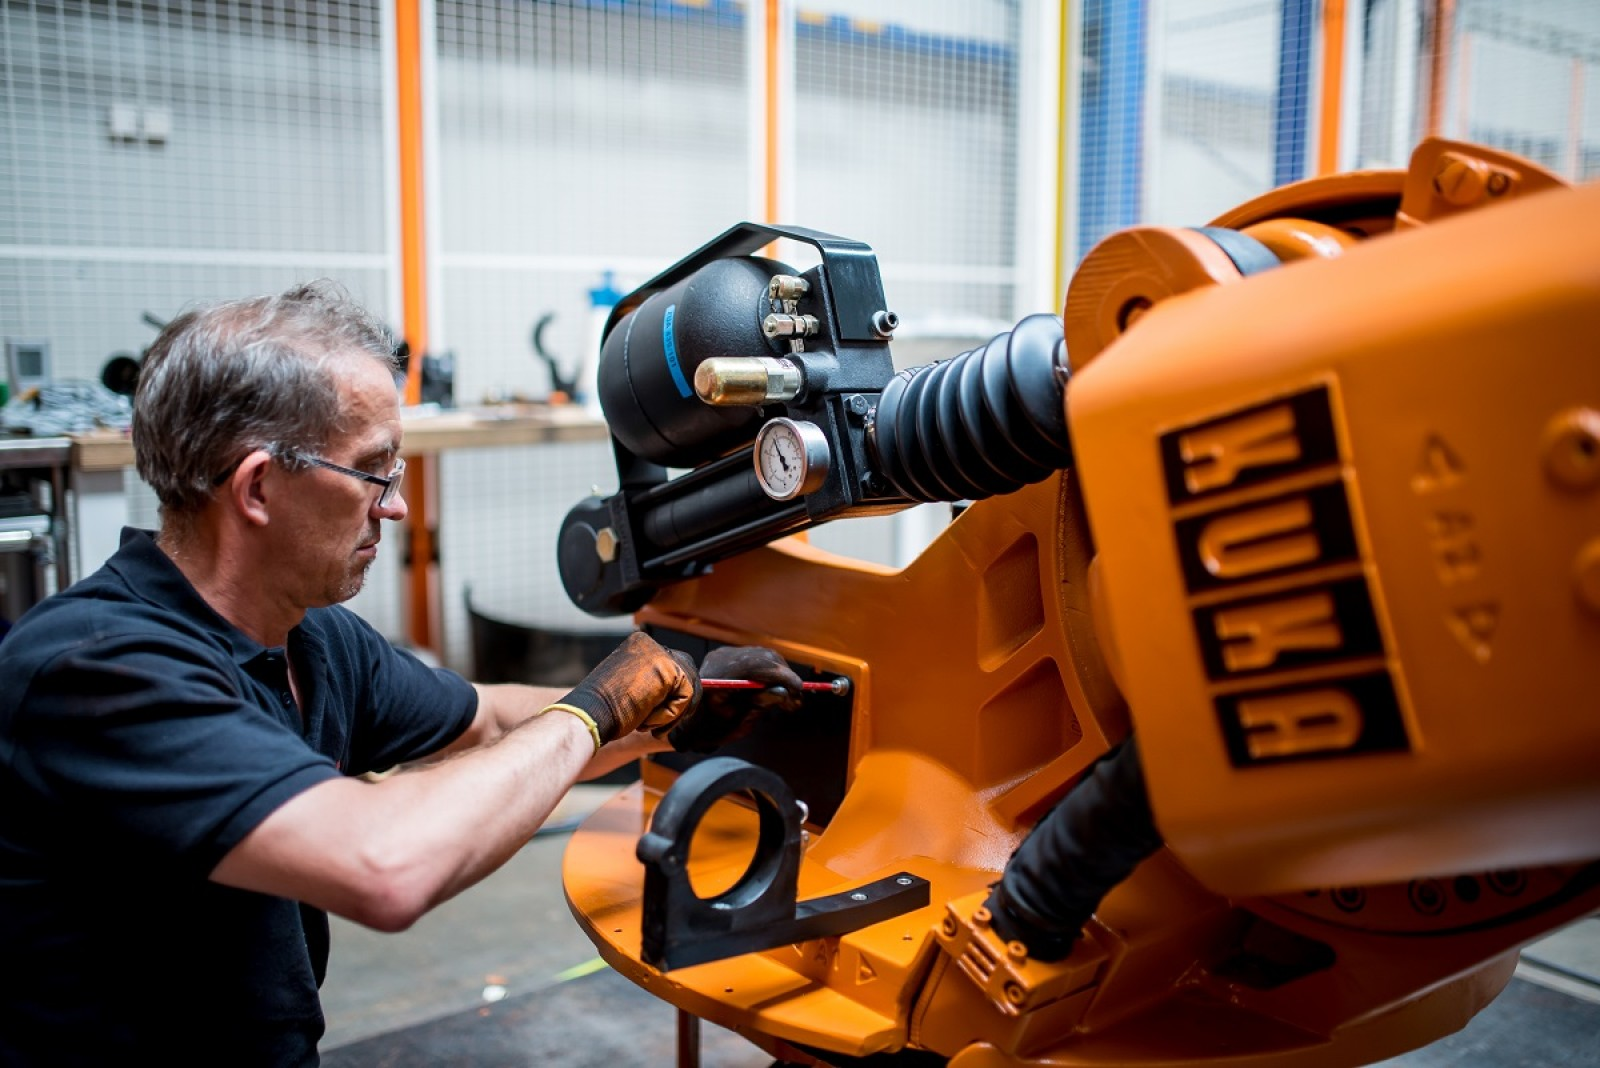 vélemények a robotkereskedelem tantumáról)